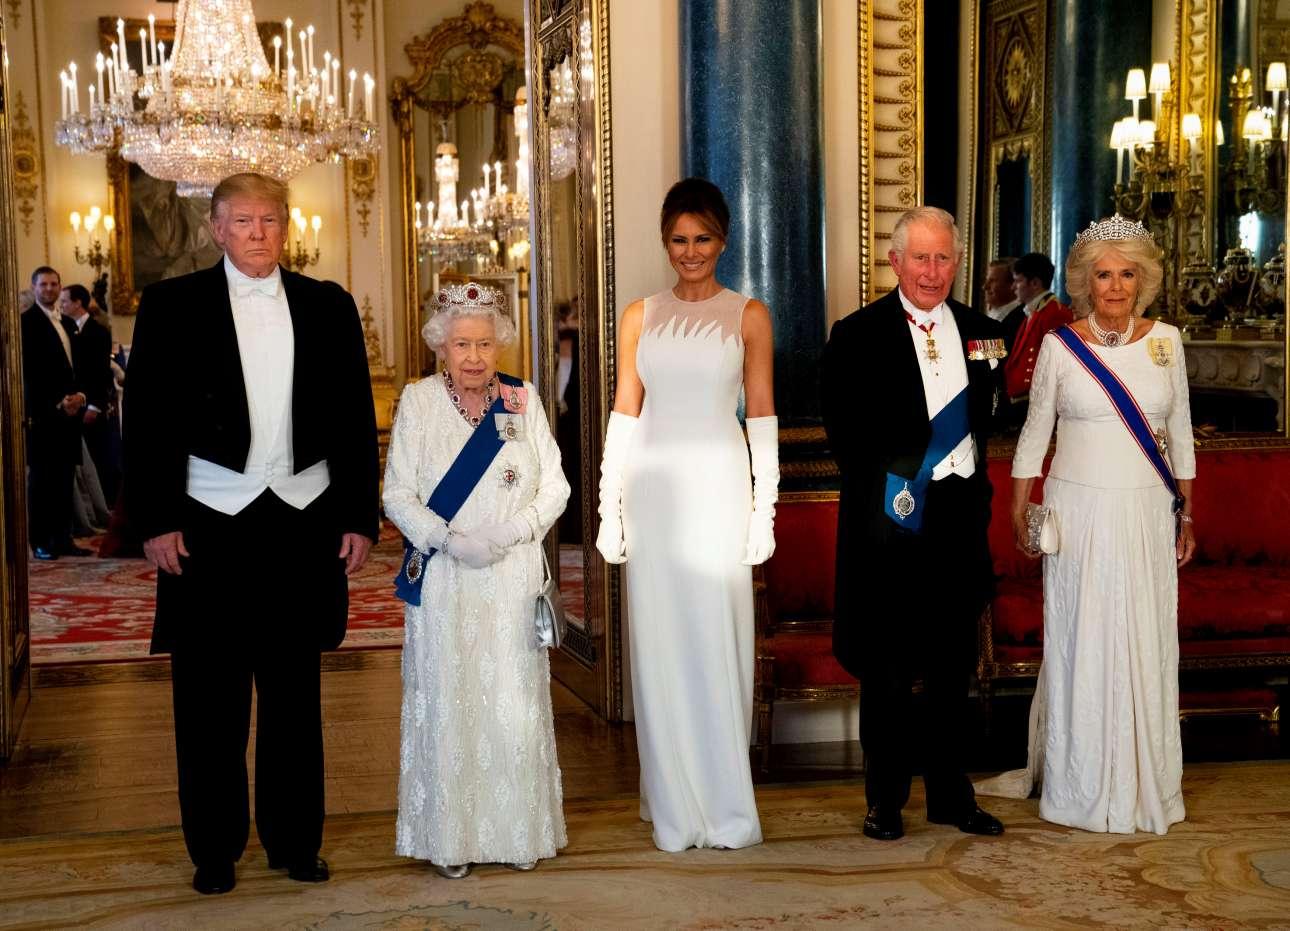 Ο πρόεδρος, η βασίλισσα, η πρώτη κυρία, ο διάδοχος του θρόνου, Κάρολος και η δούκισσα της Κορνουάλης, Καμίλα μπαίνουν στην αίθουσα του δείπνου